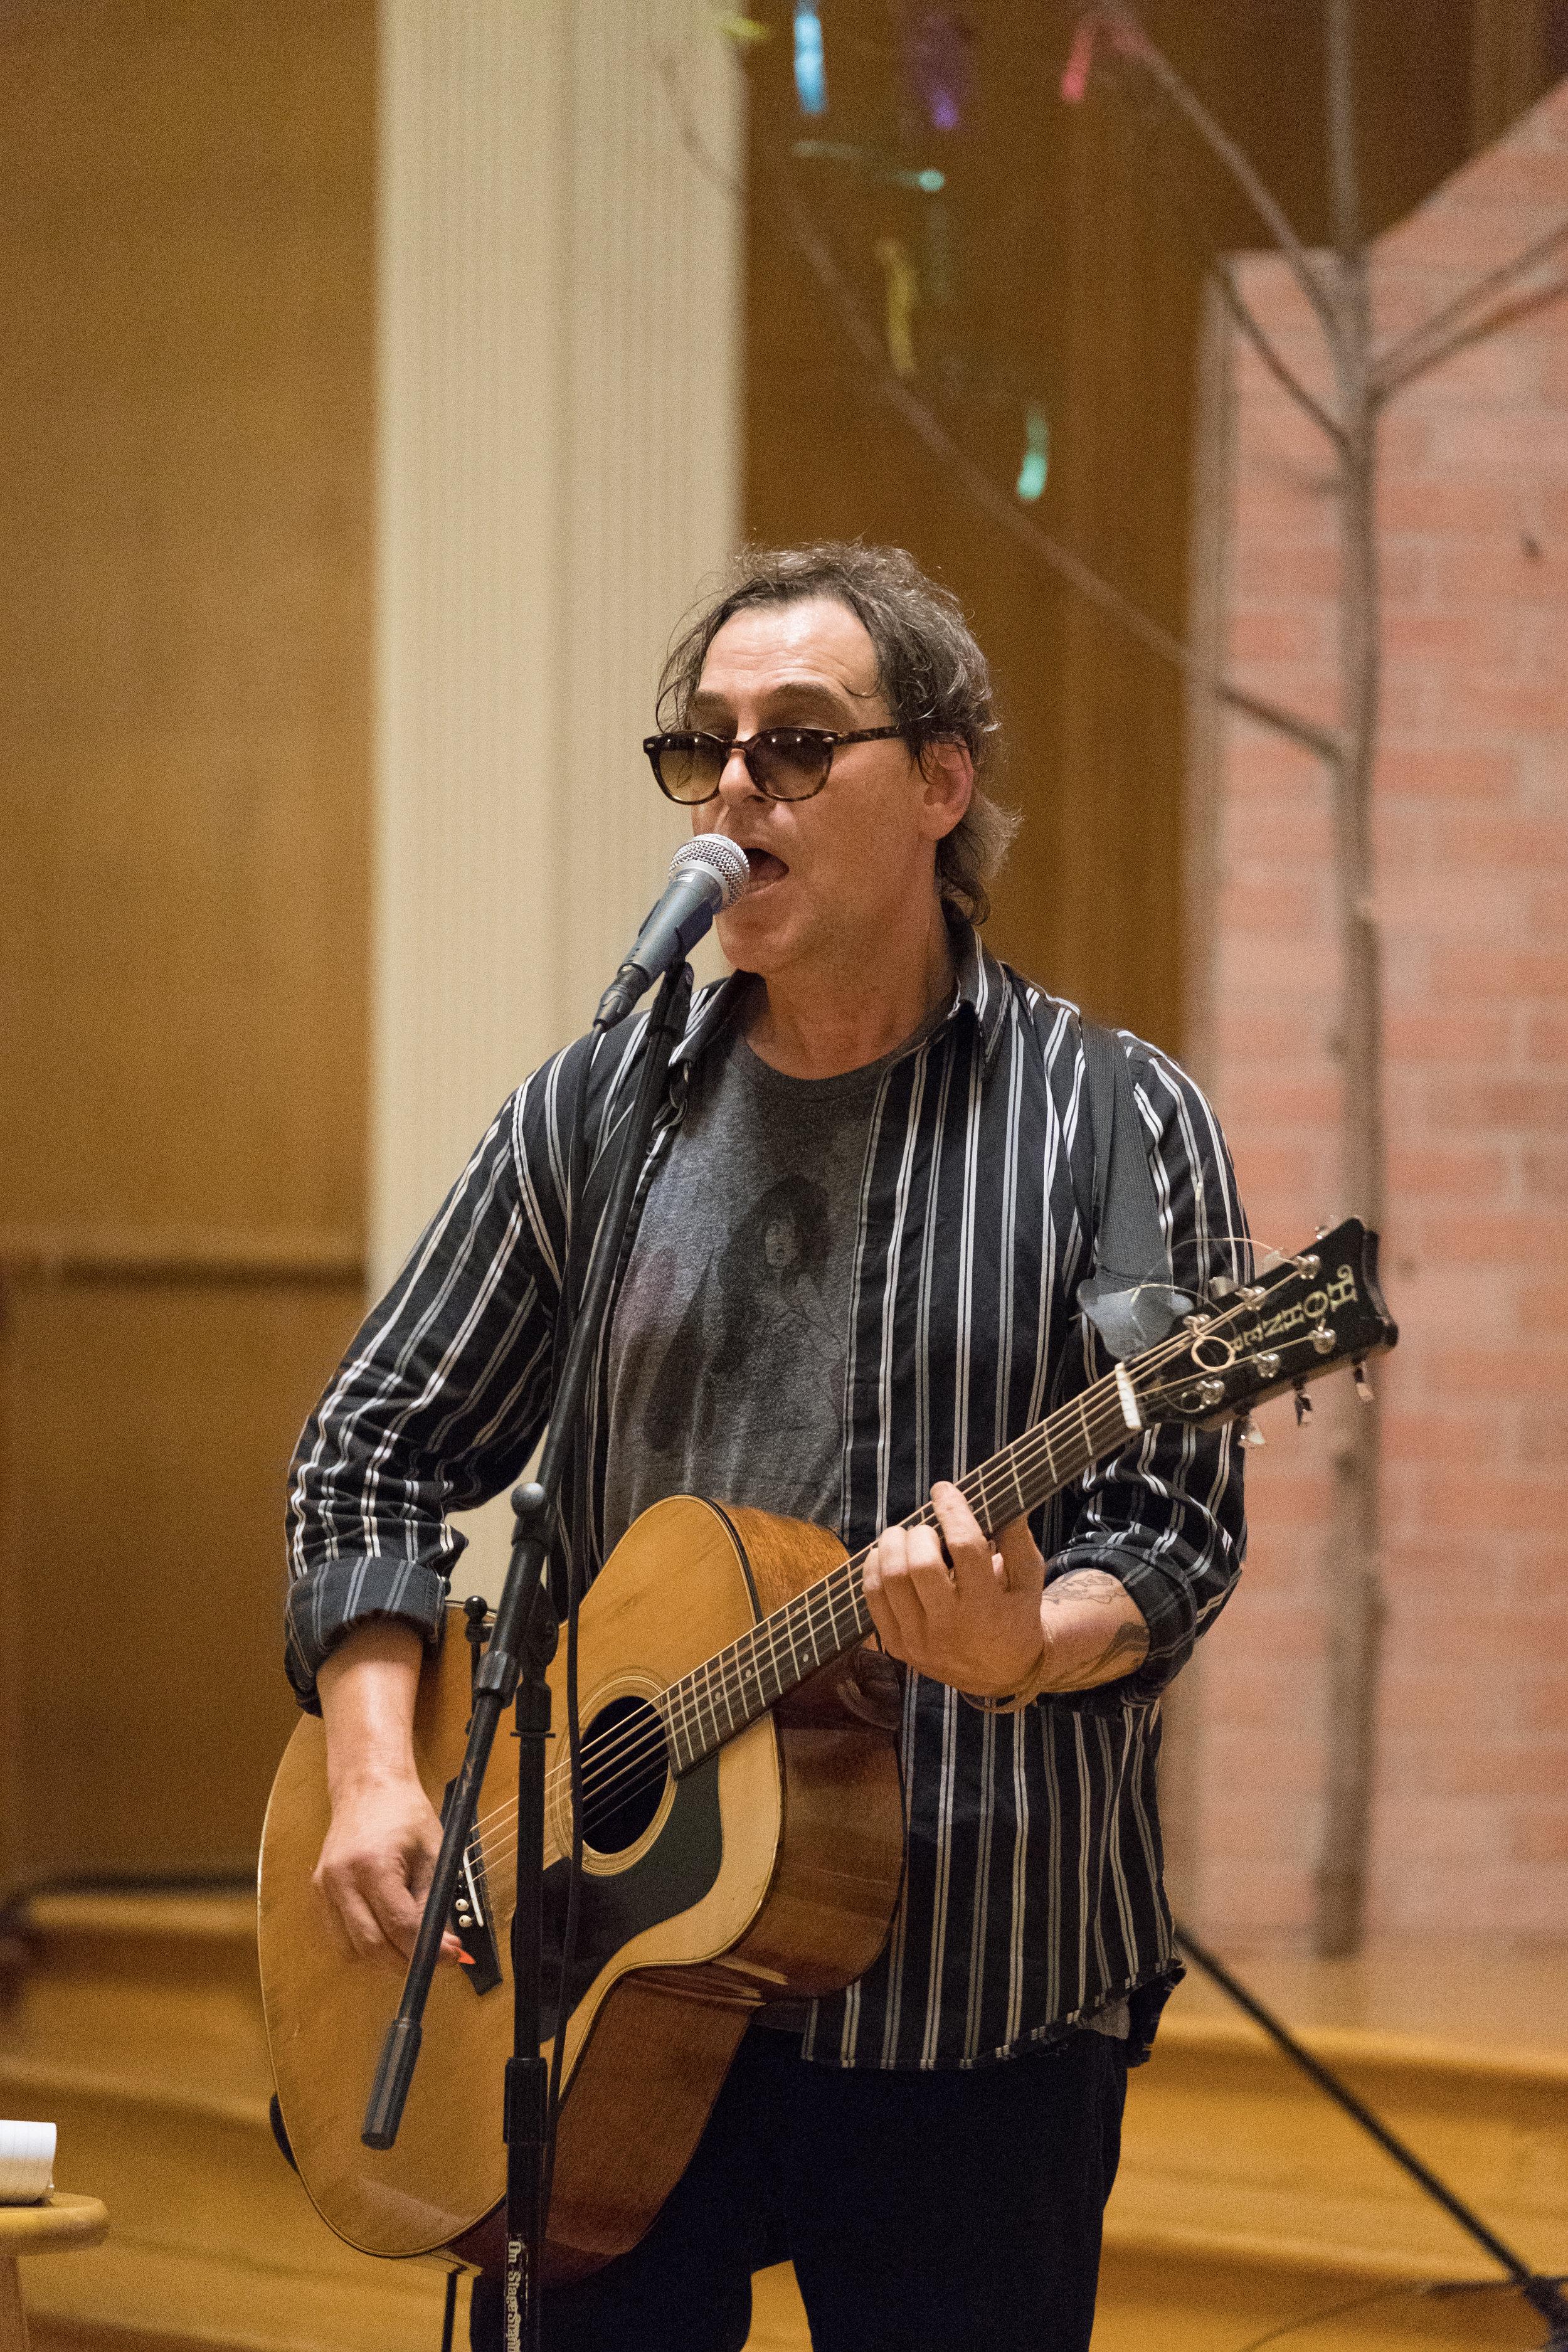 Seattle Acoustic Festival, Sanctuary Stage, 26 August 2017.